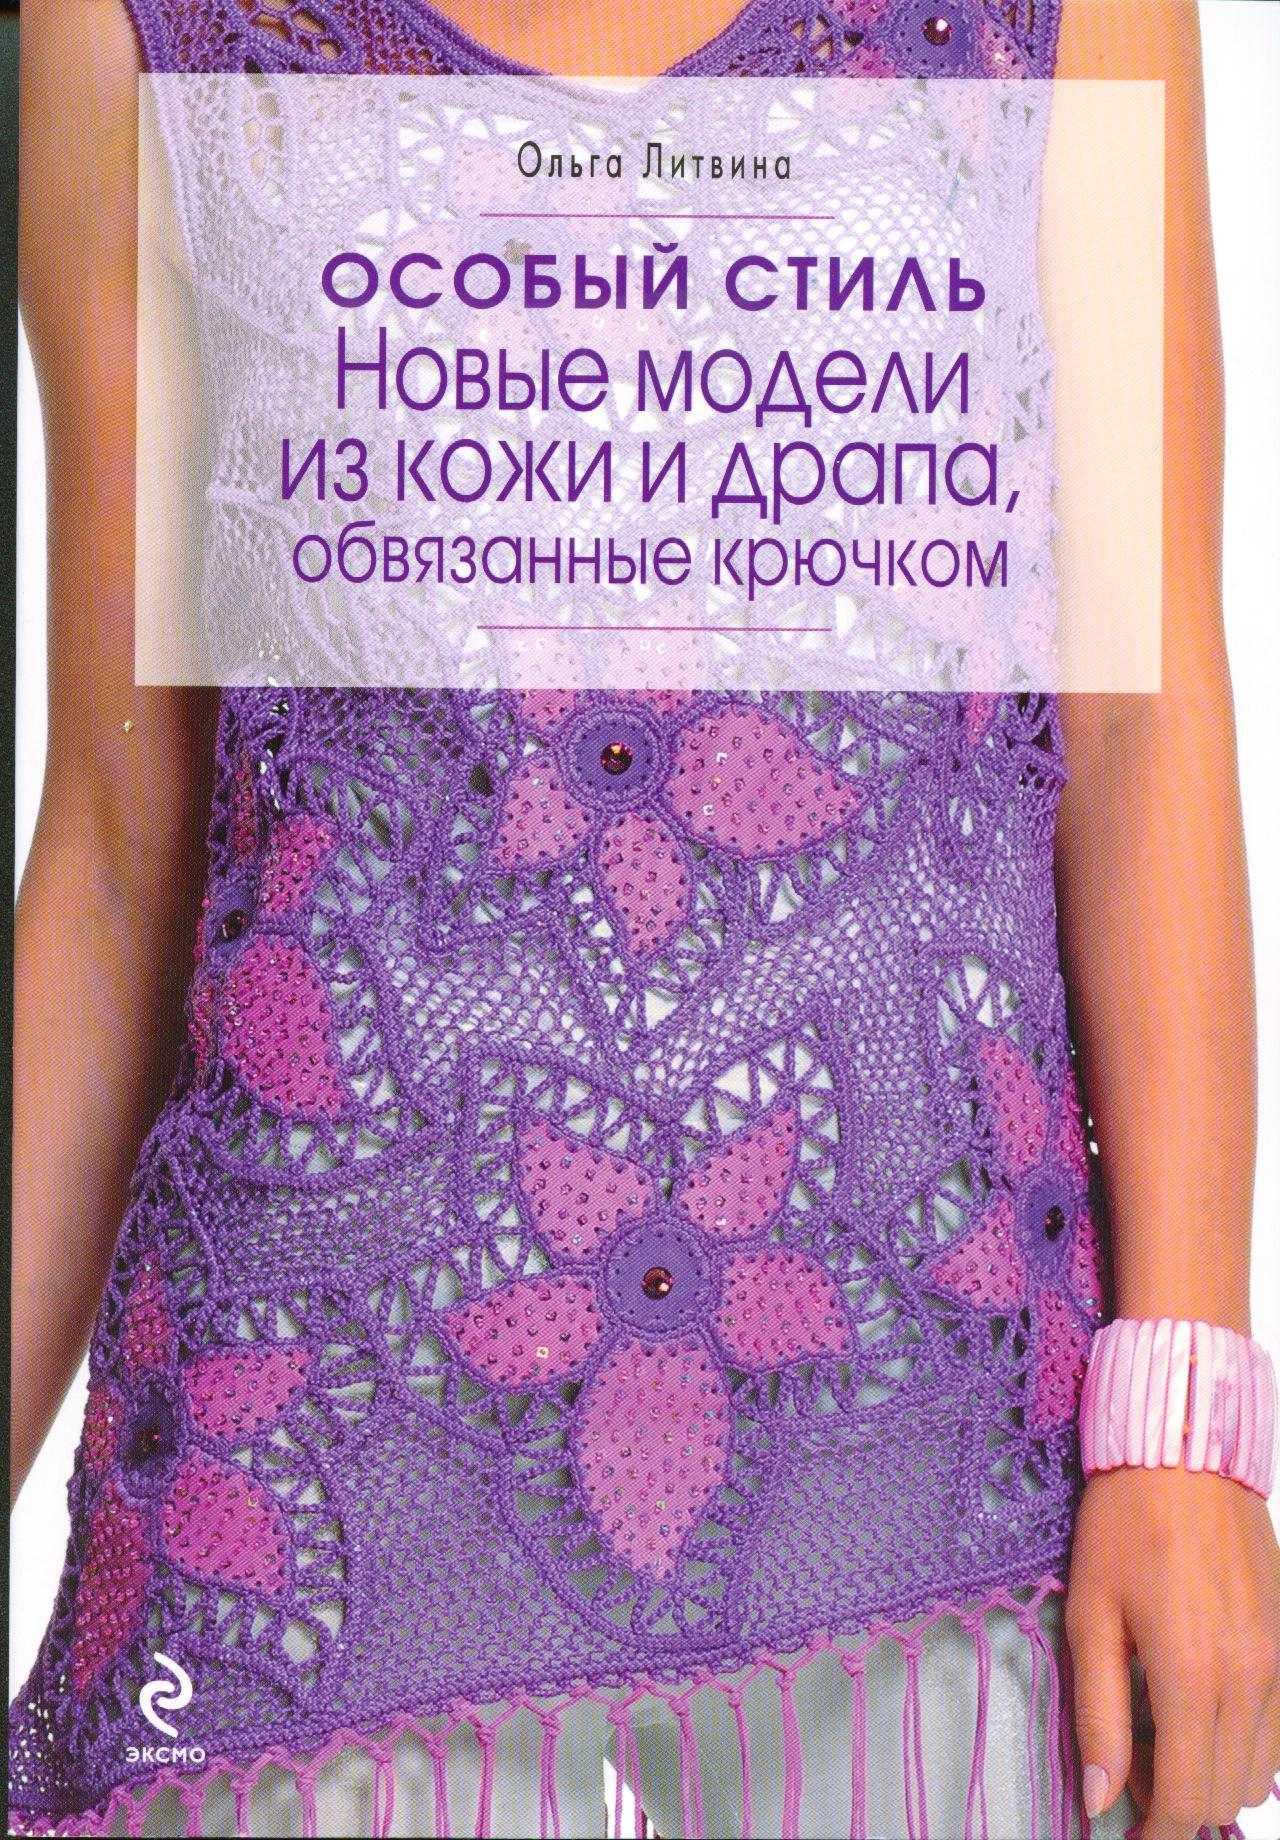 Модели вязания крючком ольги литвиновой Особый стиль.  Новые модели из кожи и драпа, обвязанные крючком.